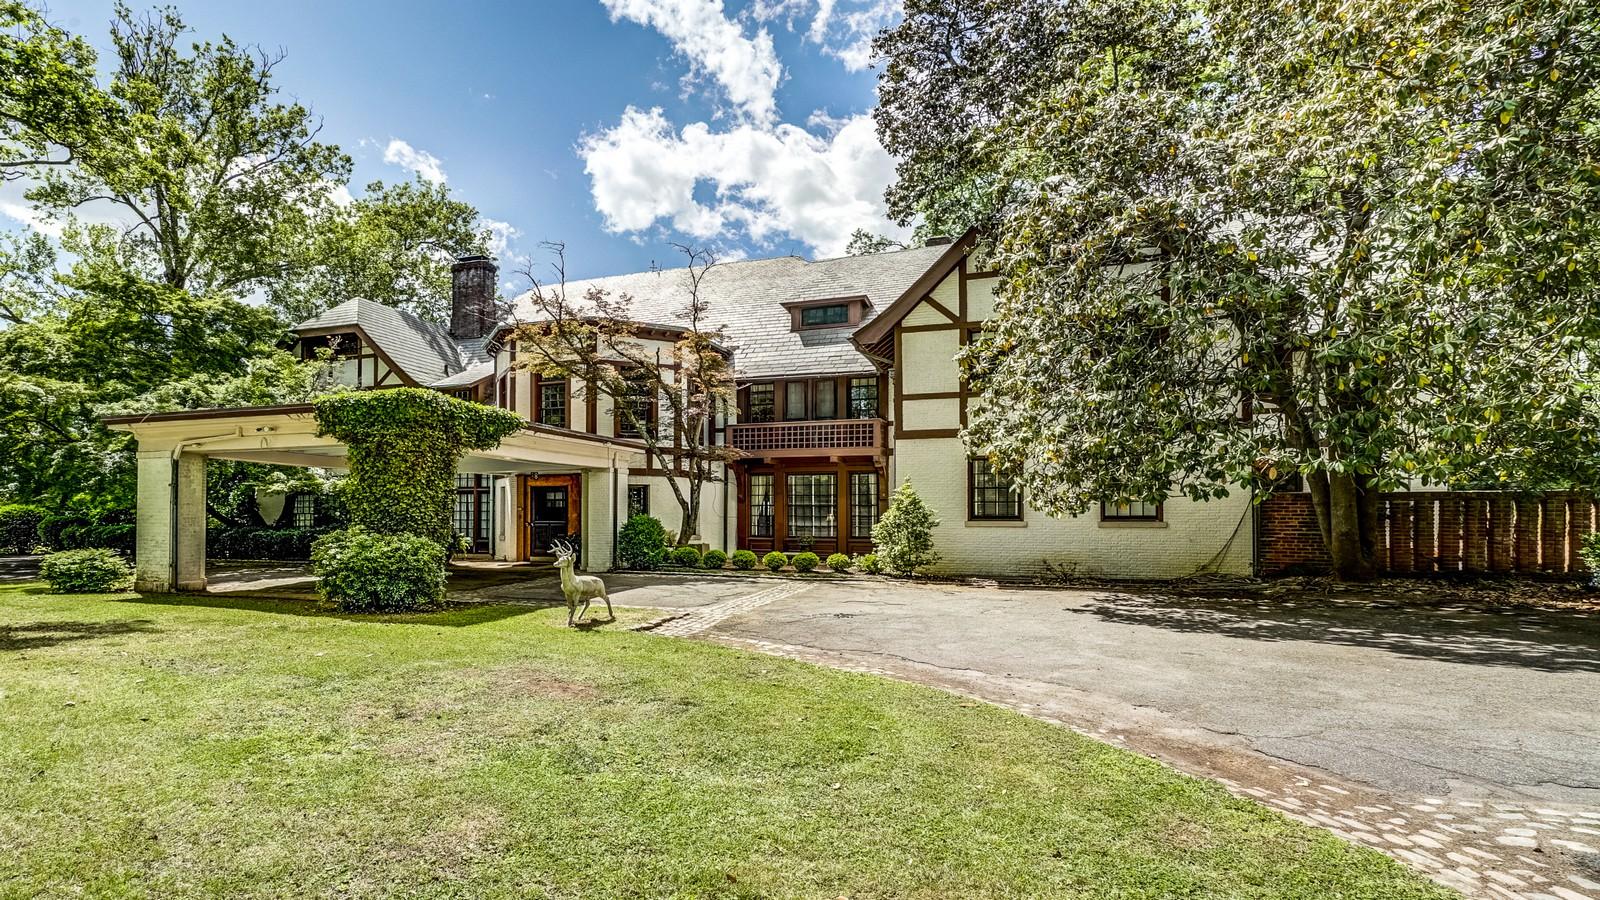 一戸建て のために 売買 アット Windsor Farms 1234 Rothesay Cir Richmond, バージニア, 23221 アメリカ合衆国